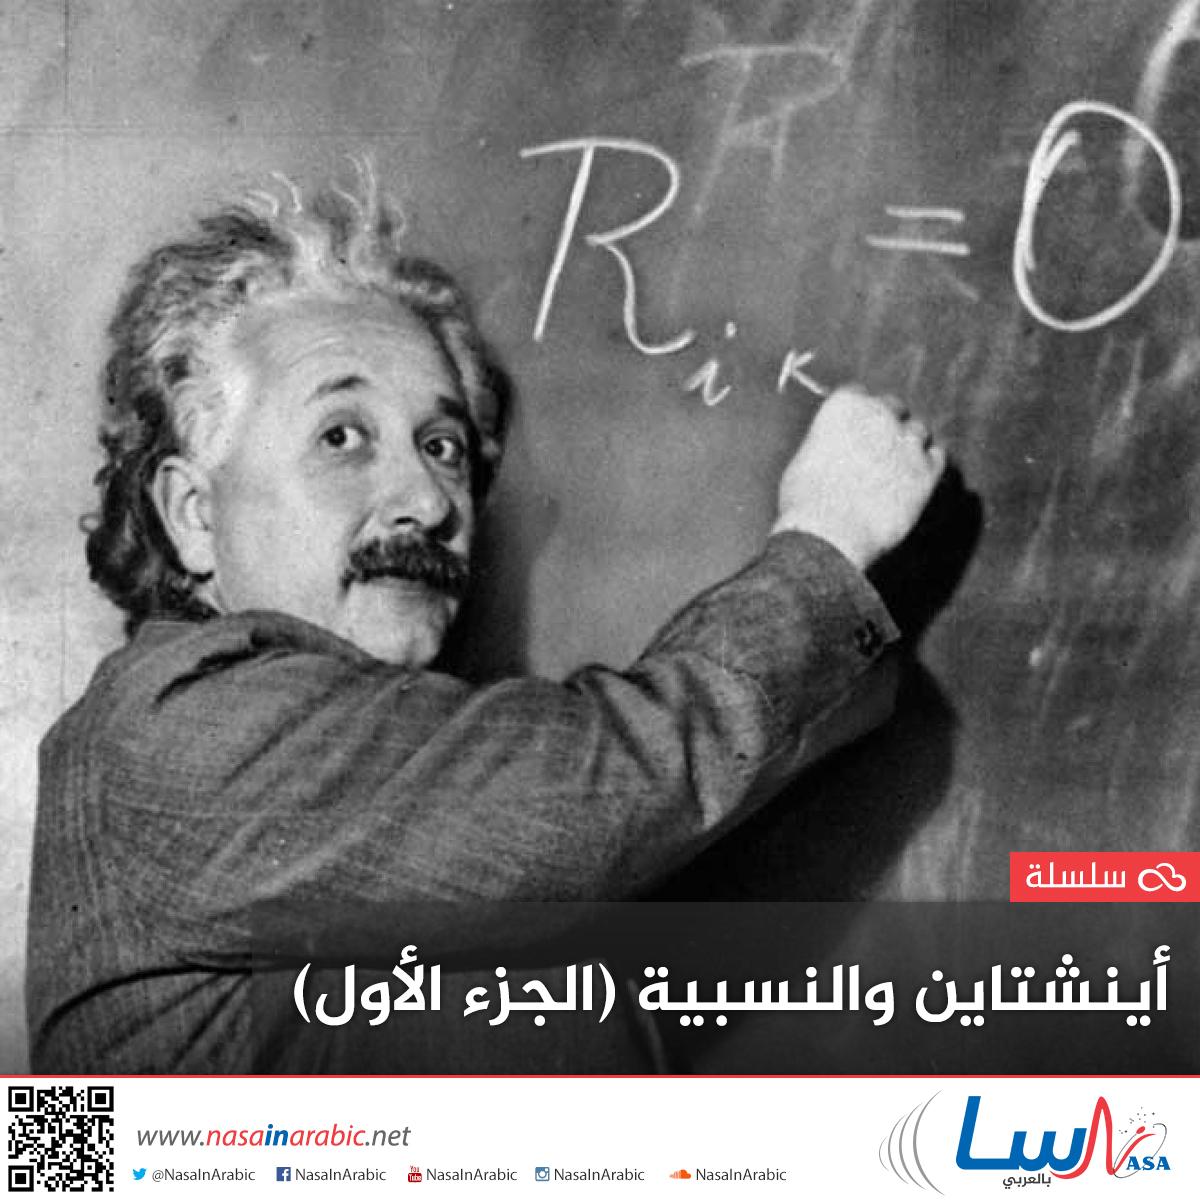 أينشتاين والنسبية : الجزء الأول